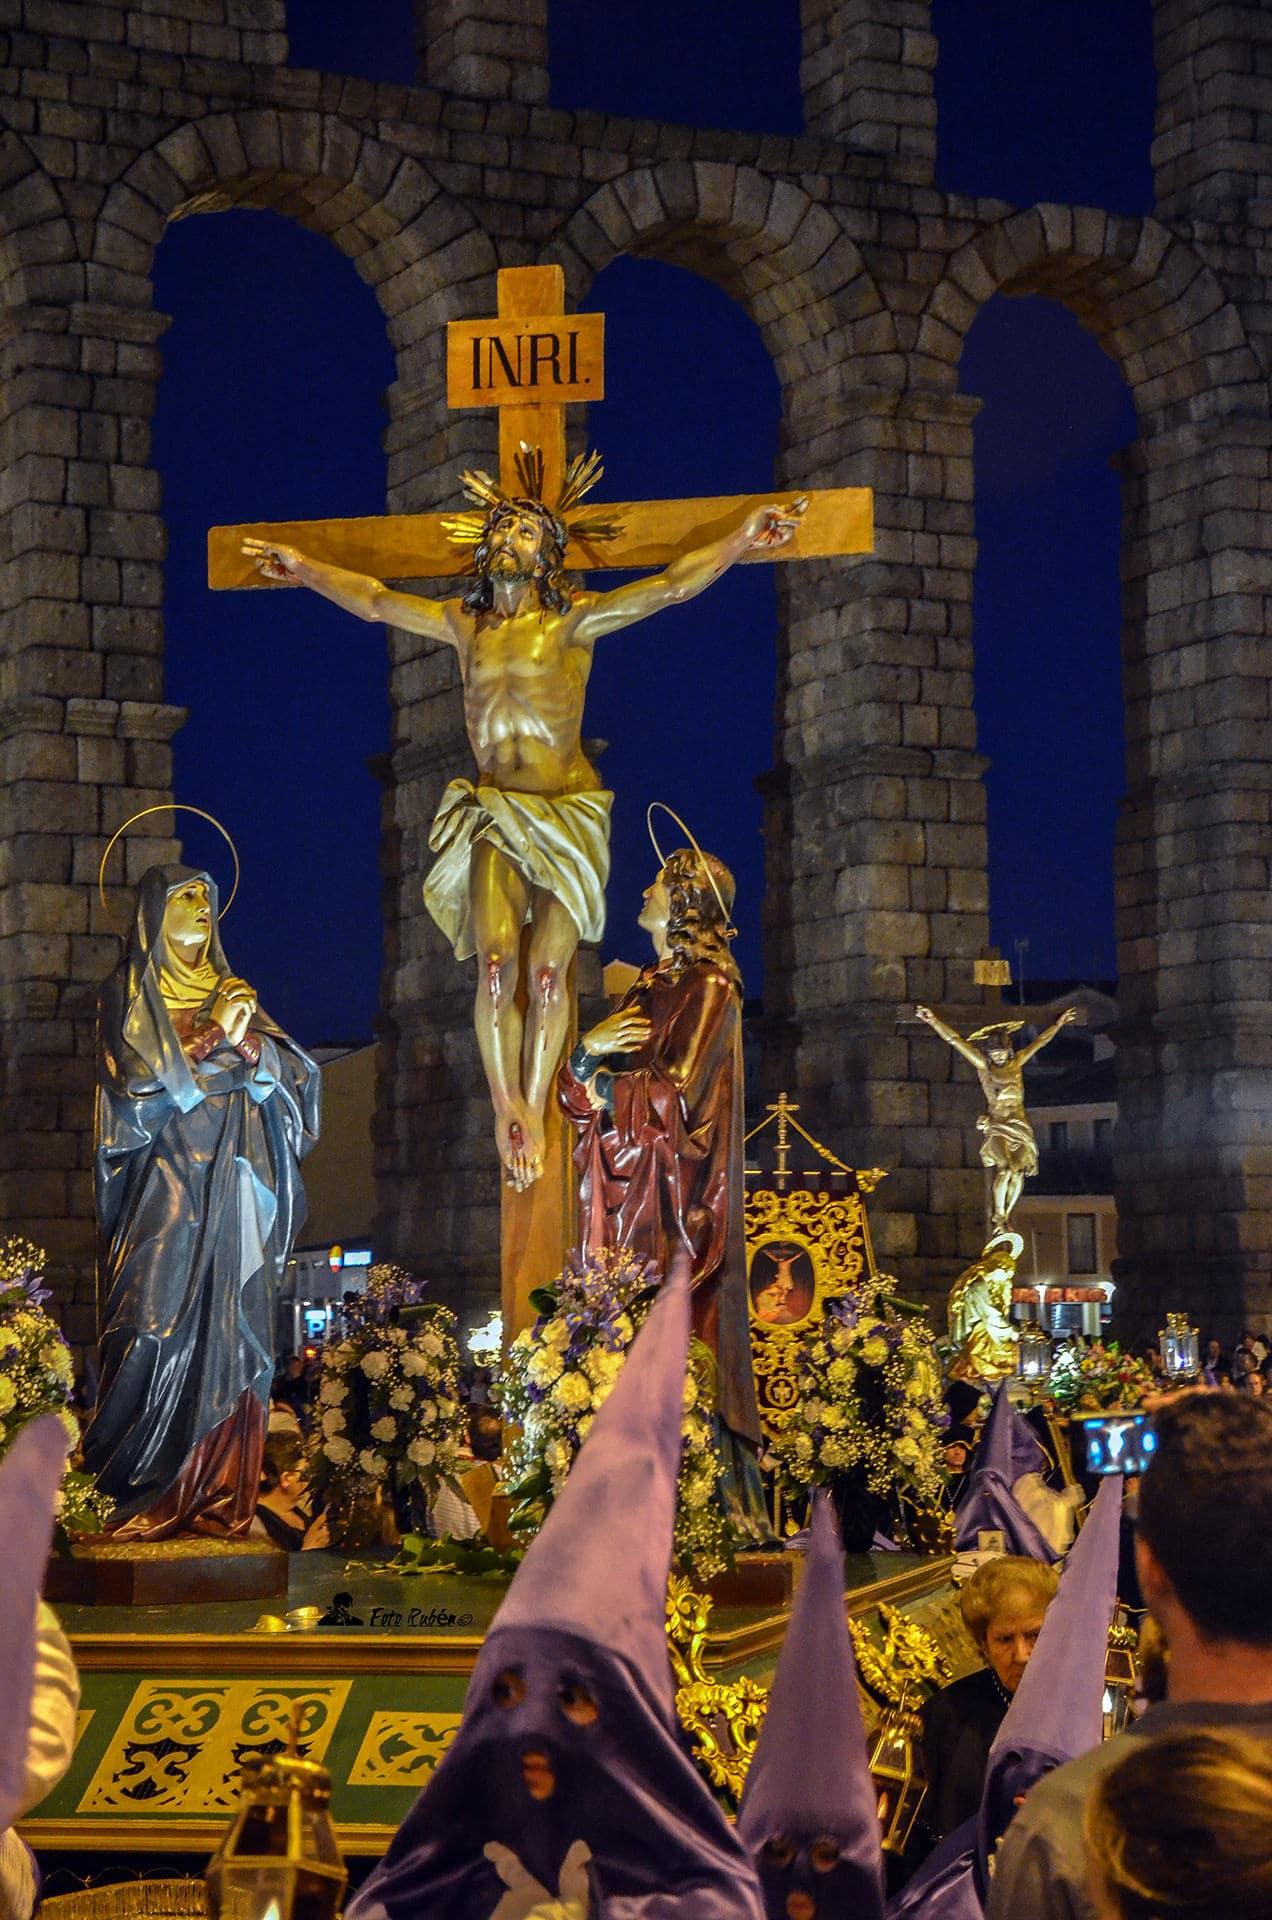 Procesión de El Calvario, La Magdalena al Pie de la Cruz y Ntrs. Sr. de la Piedad, Segovia1